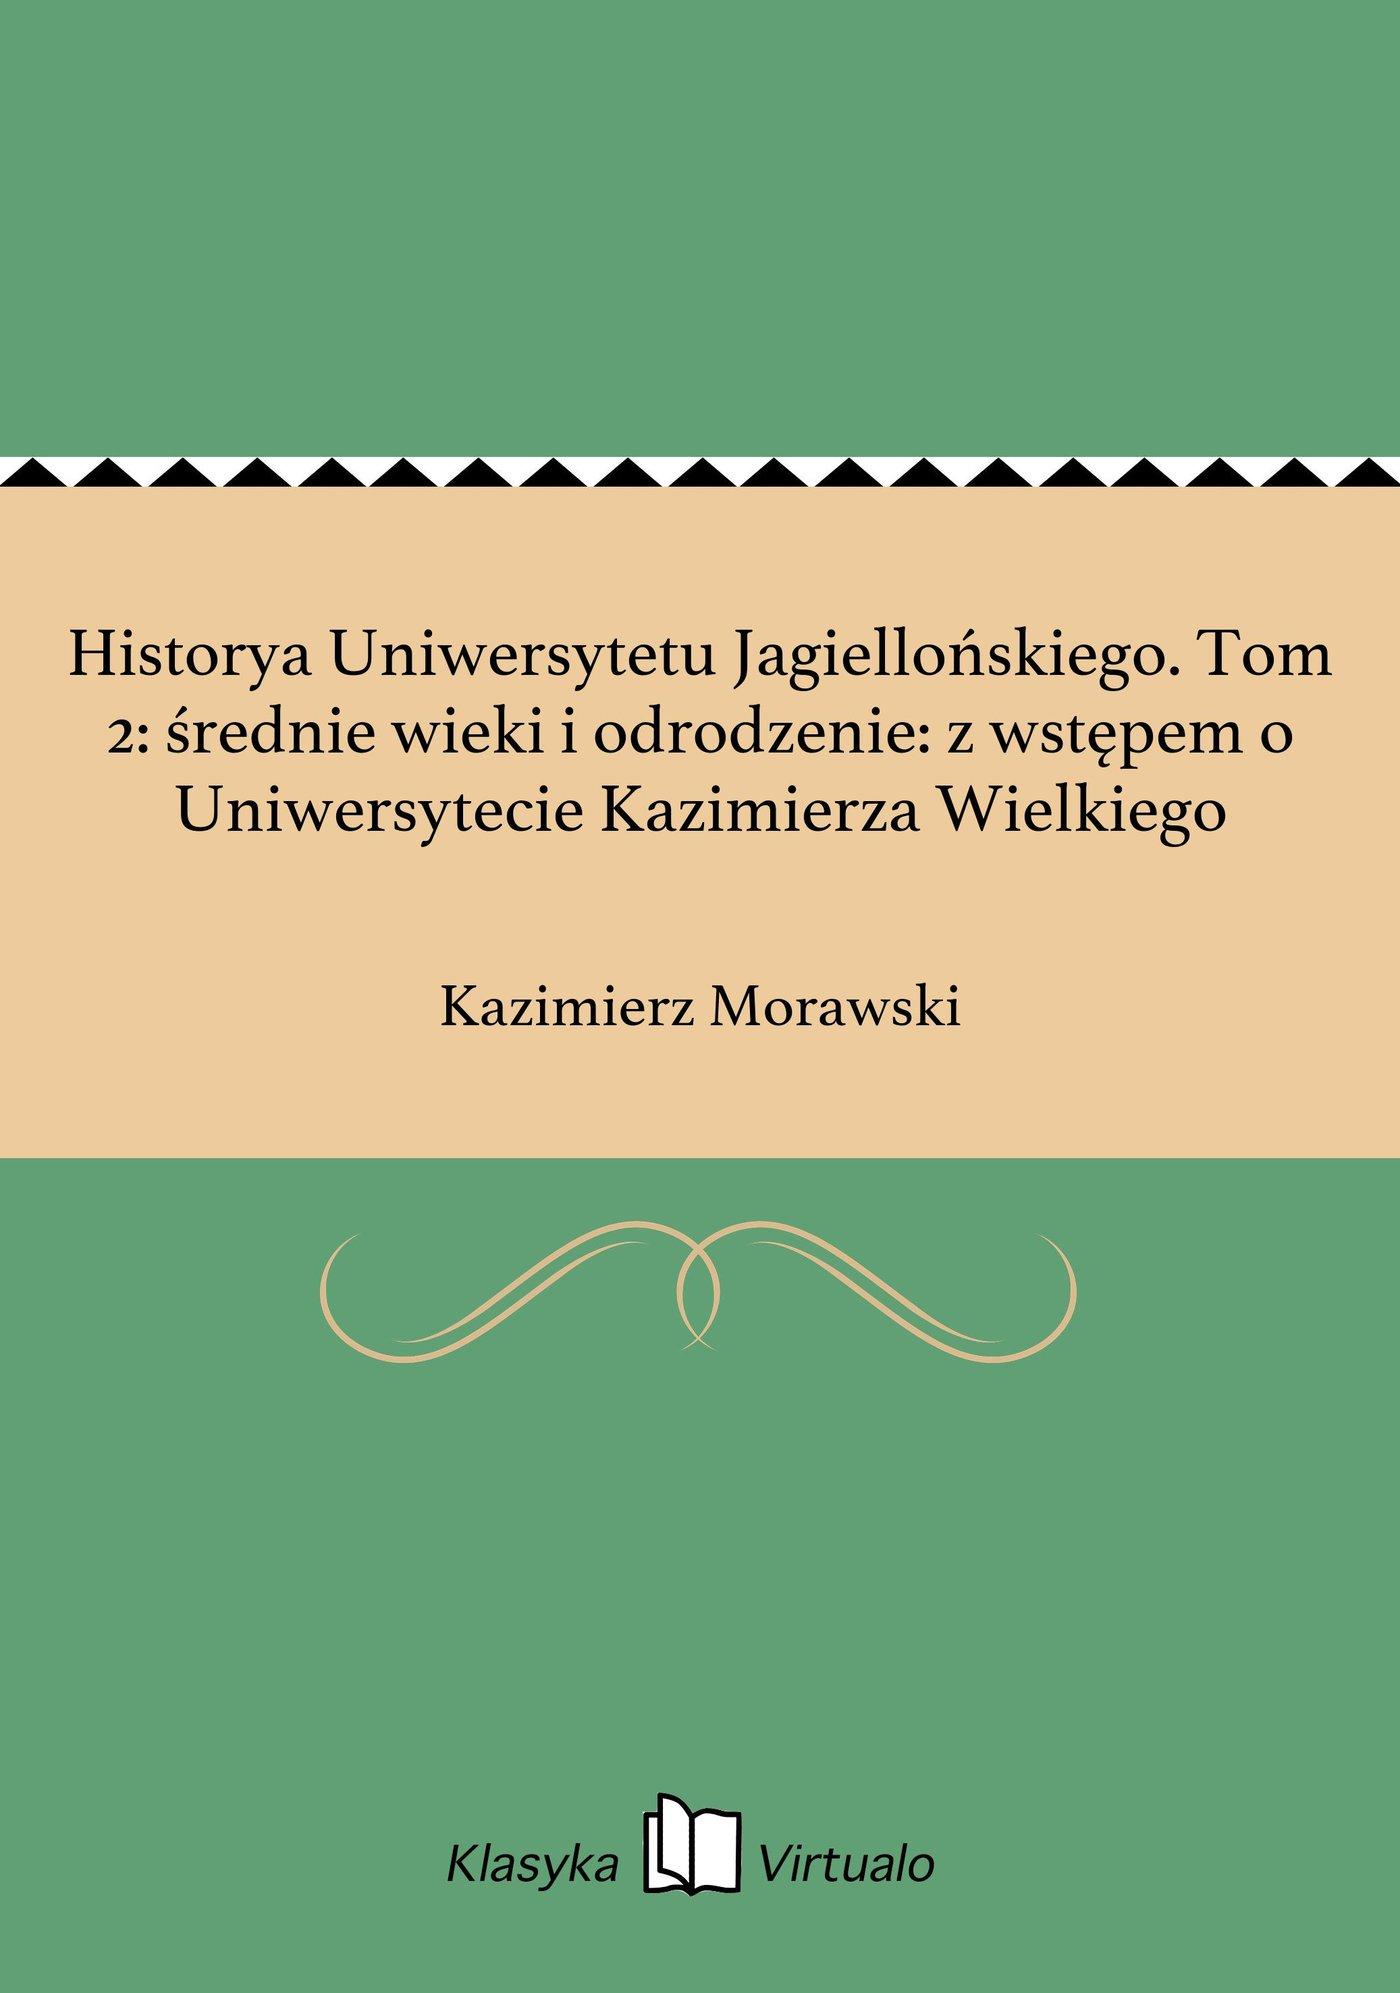 Historya Uniwersytetu Jagiellońskiego. Tom 2: średnie wieki i odrodzenie: z wstępem o Uniwersytecie Kazimierza Wielkiego - Ebook (Książka EPUB) do pobrania w formacie EPUB